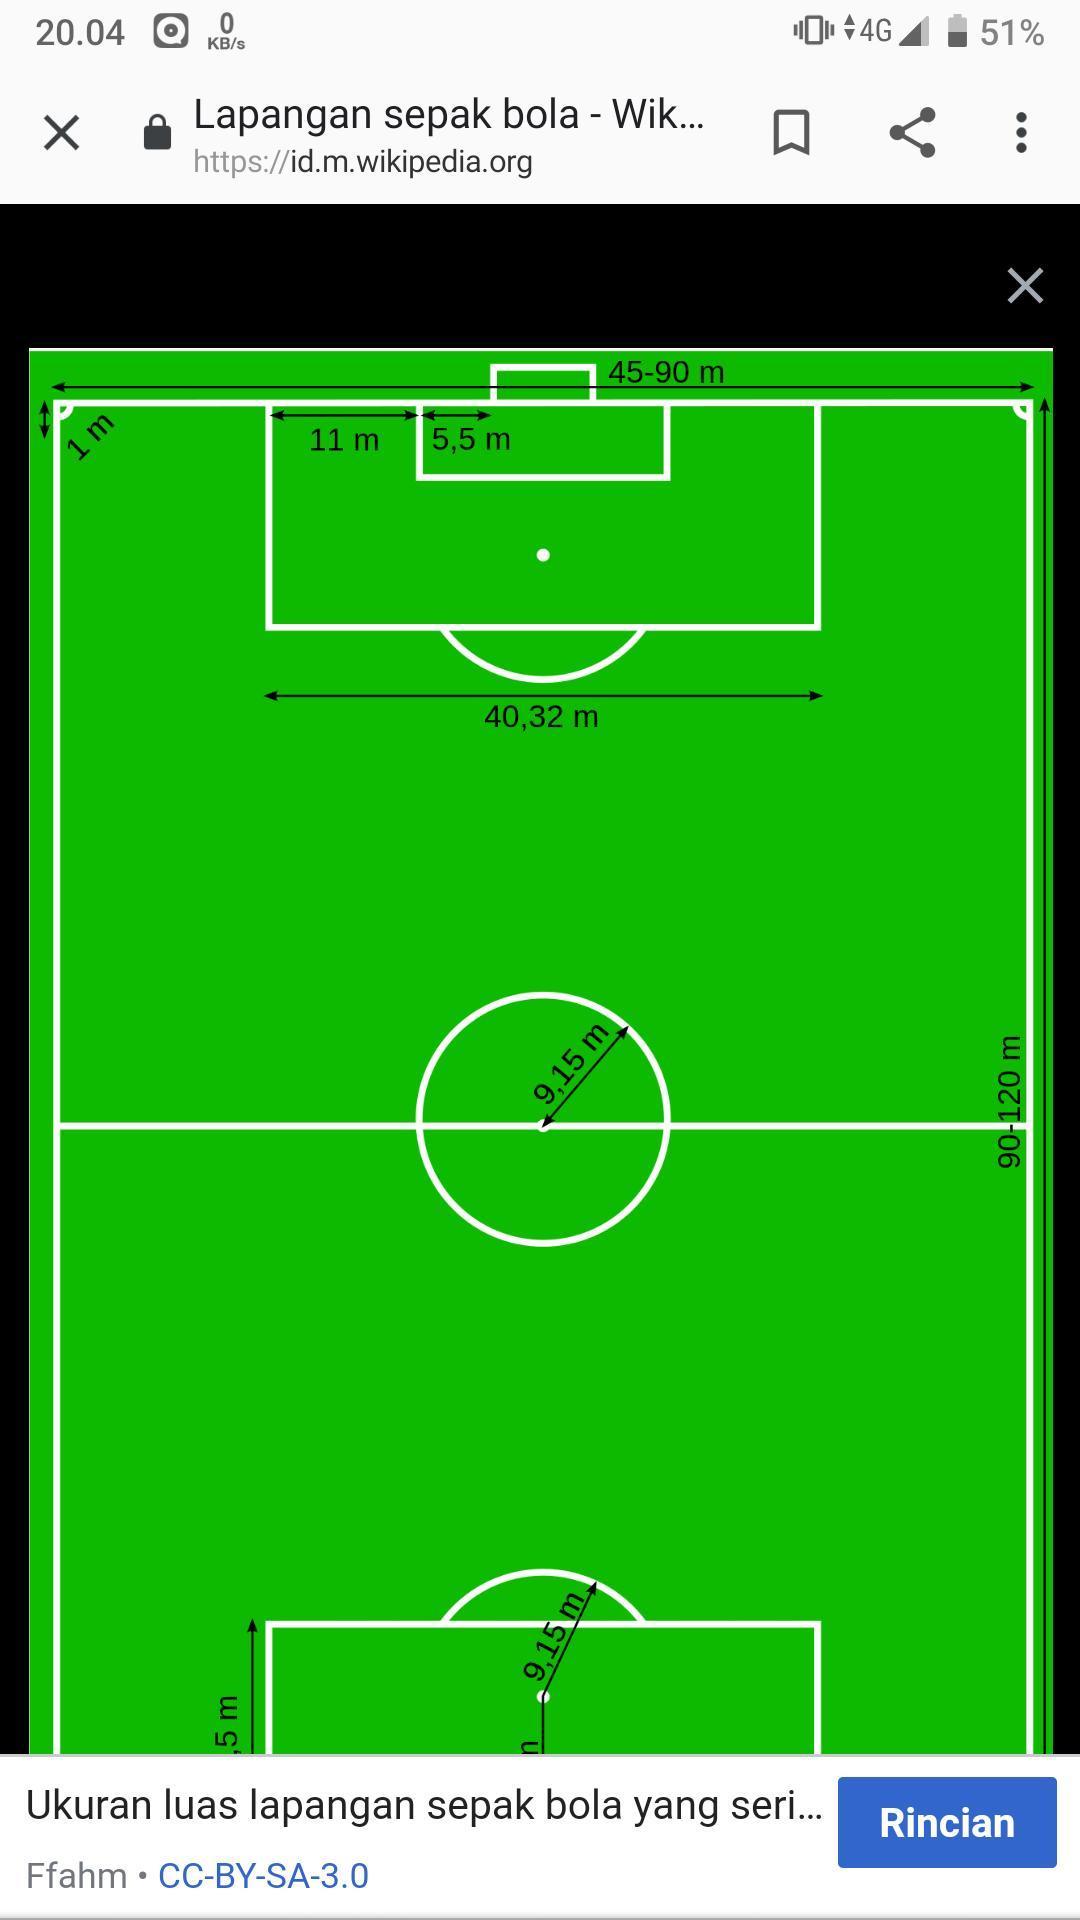 Panjang Dan Lebar Lapangan Bola : panjang, lebar, lapangan, Gambarkan, Lapangan, Sepak, Besrta, Ukuran, Brainly.co.id